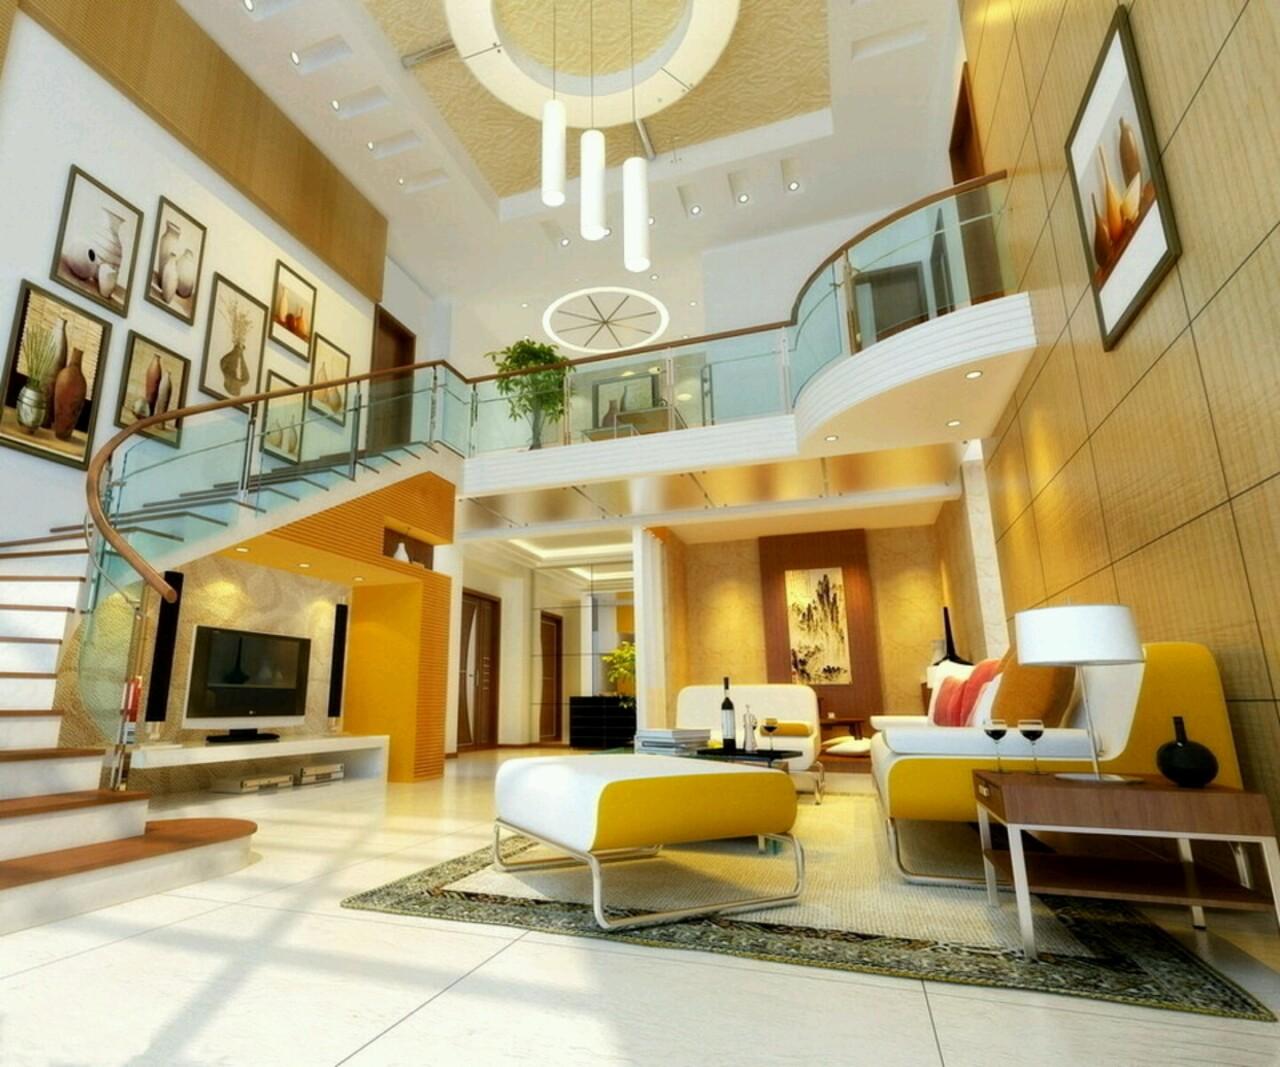 Desain Interior Rumah Minimalis Ala Korea USA Momo